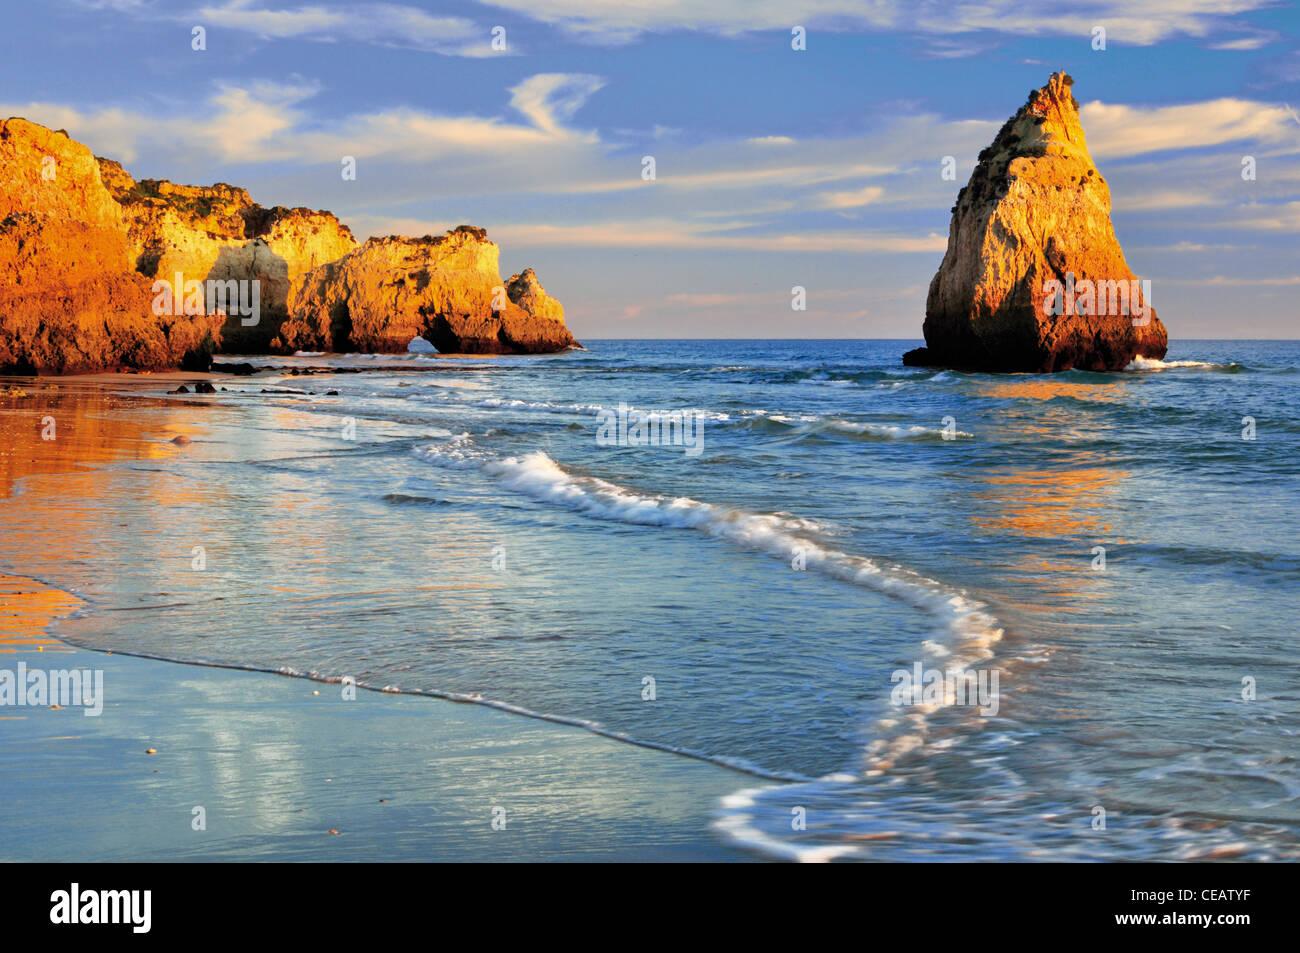 Le Portugal, l'Algarve: rock formations à la plage Prainha Photo Stock